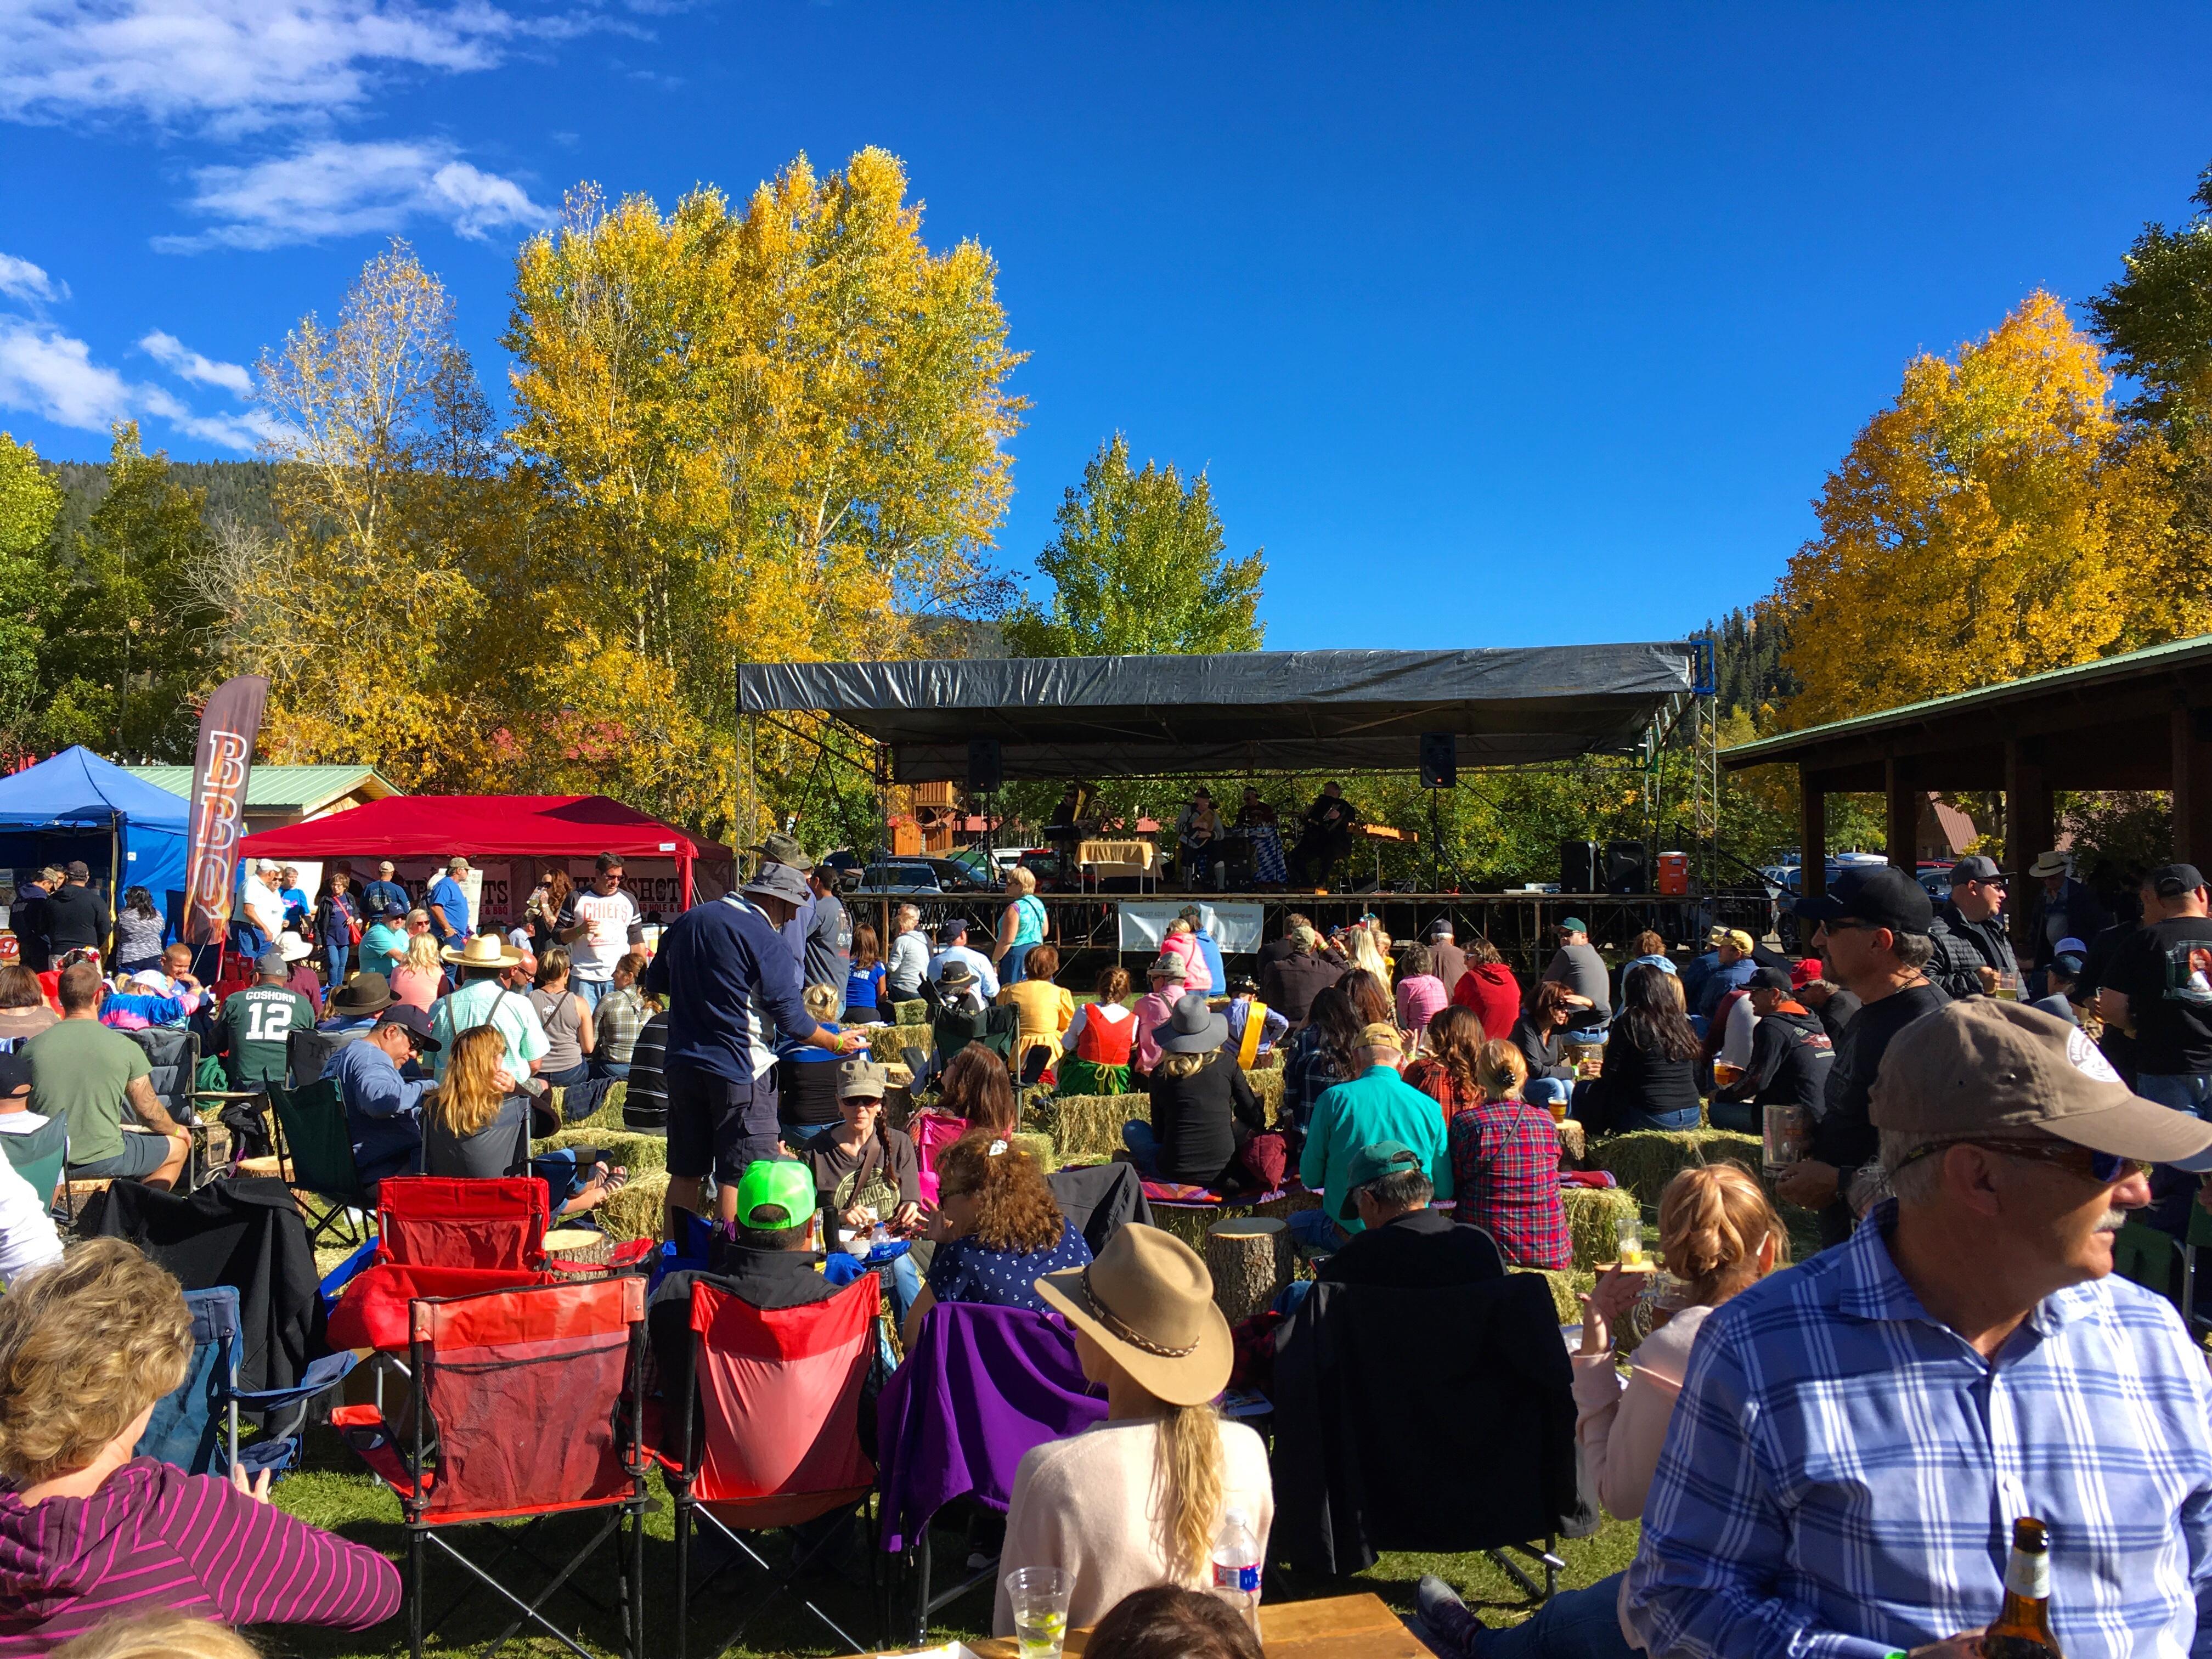 Red River Oktoberfest